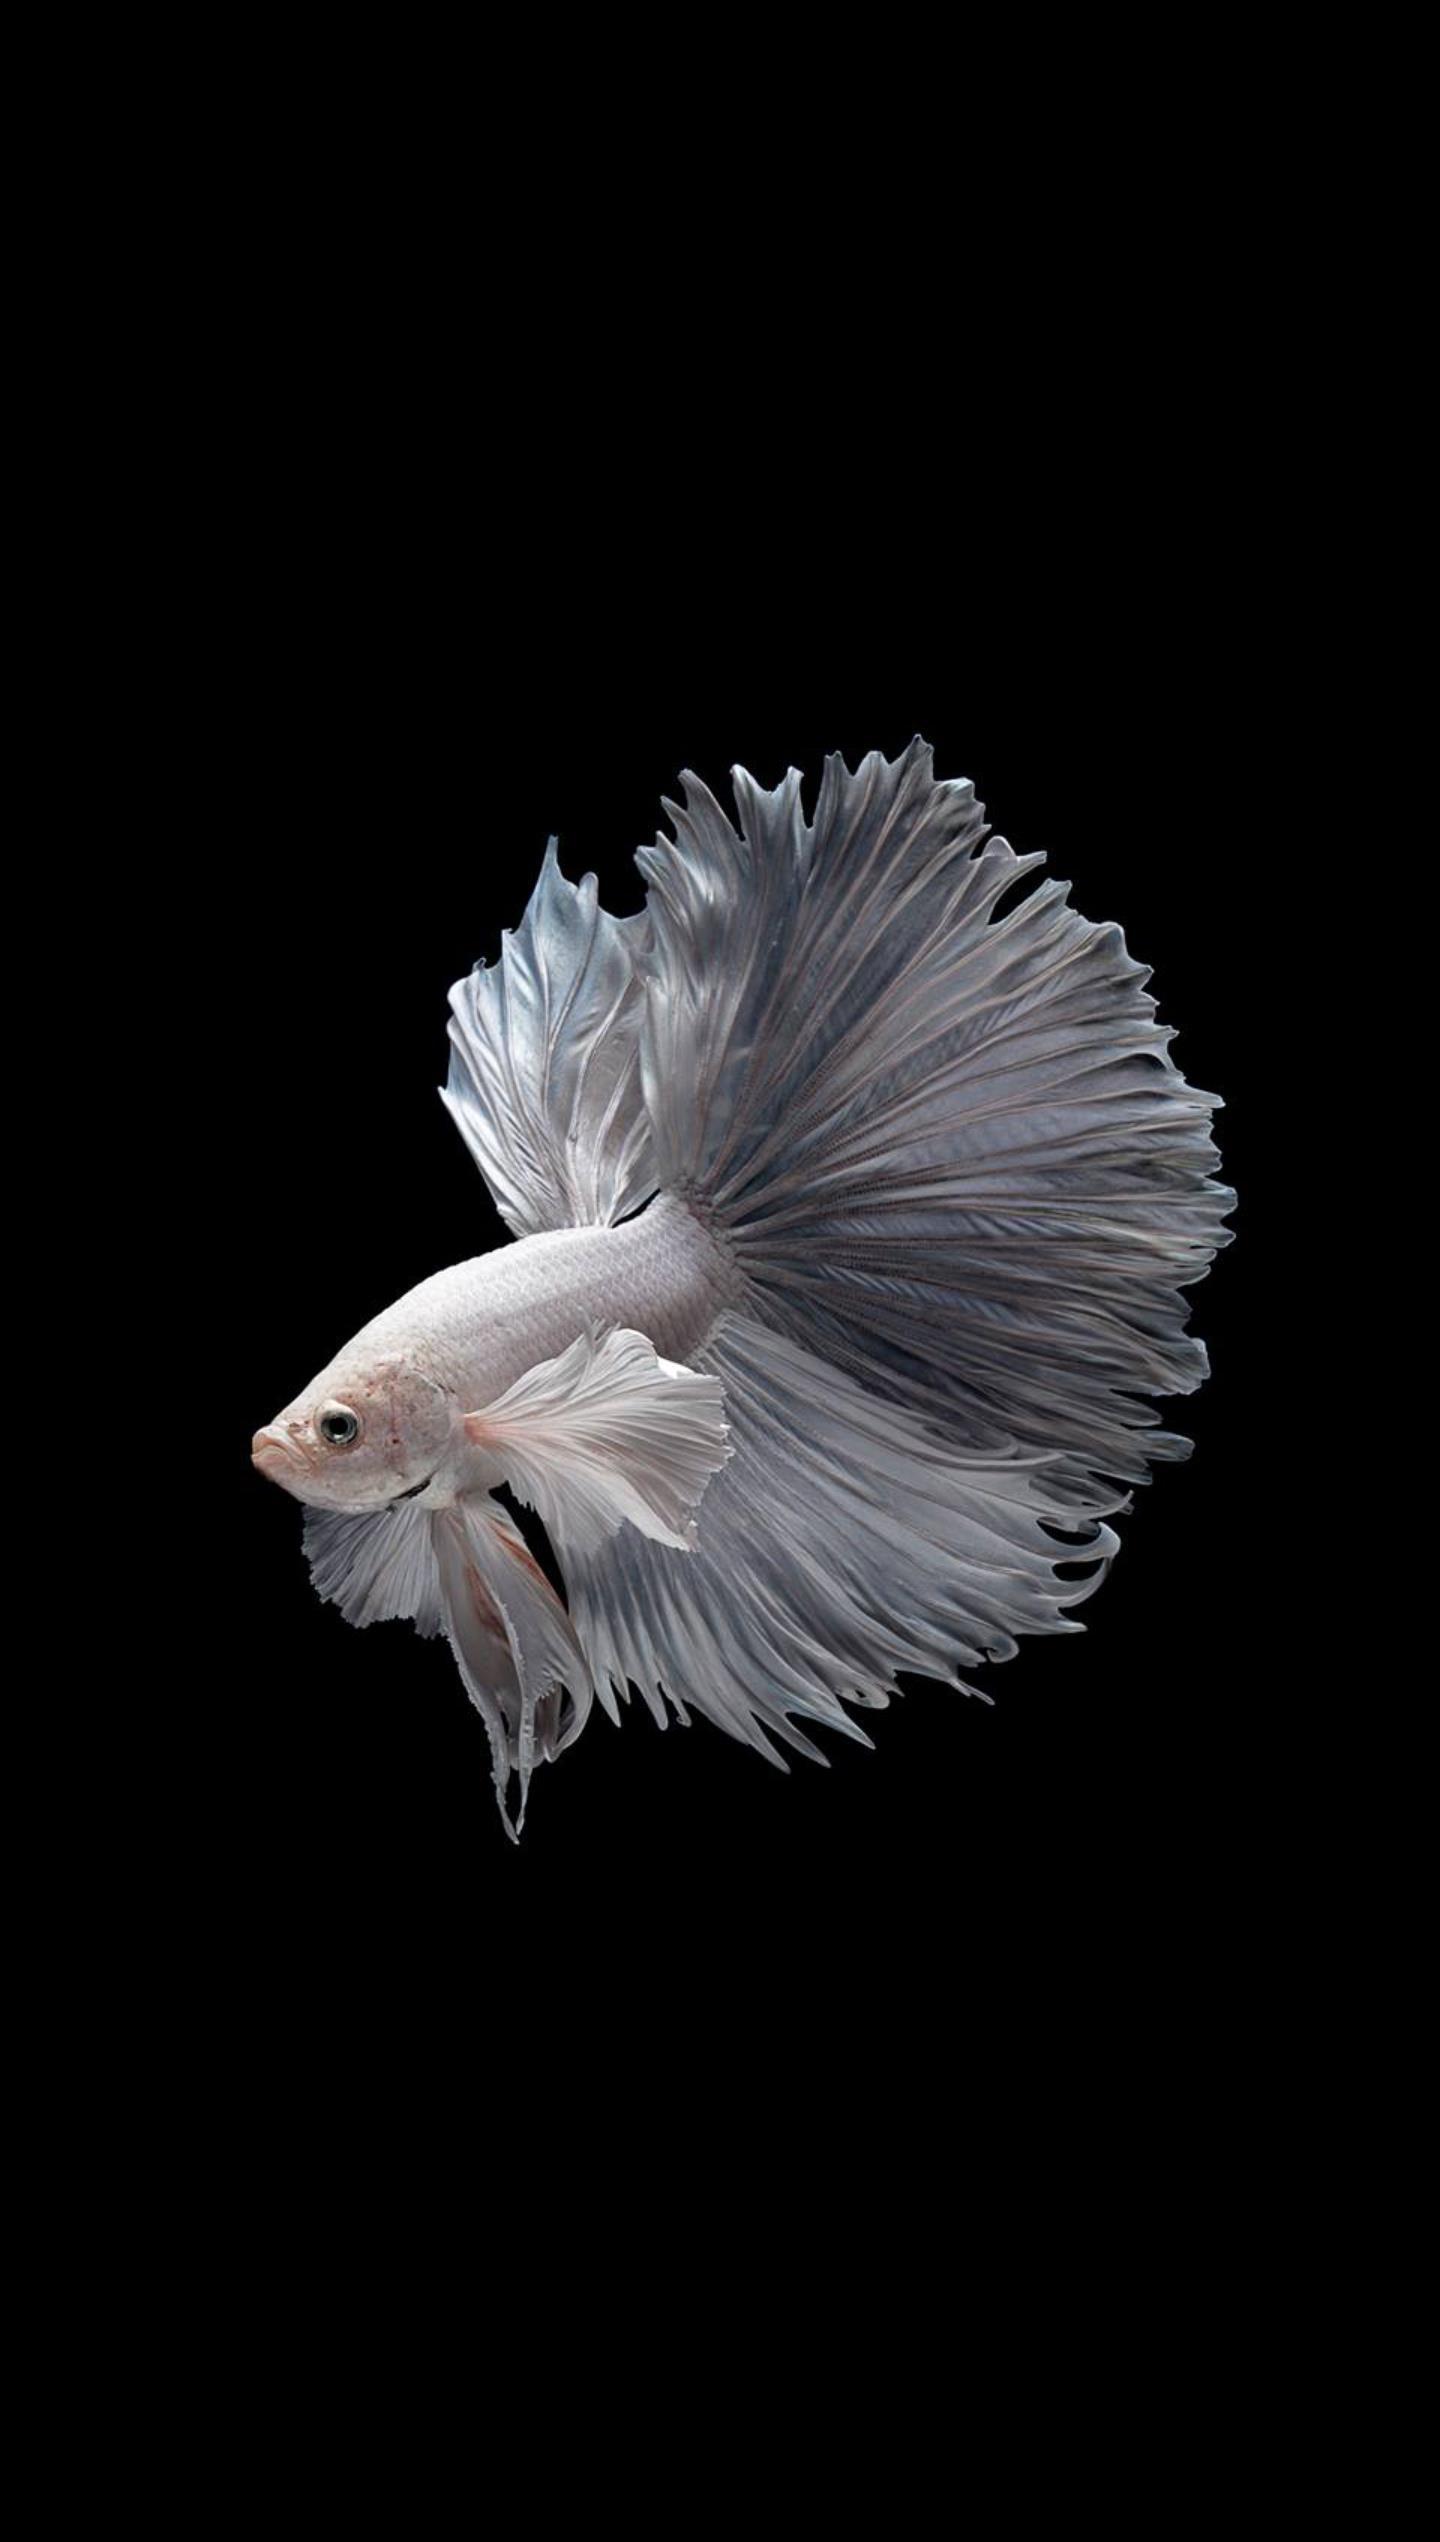 Un pesce combattente - Sfondi per Android, i più belli da scaricare gratis